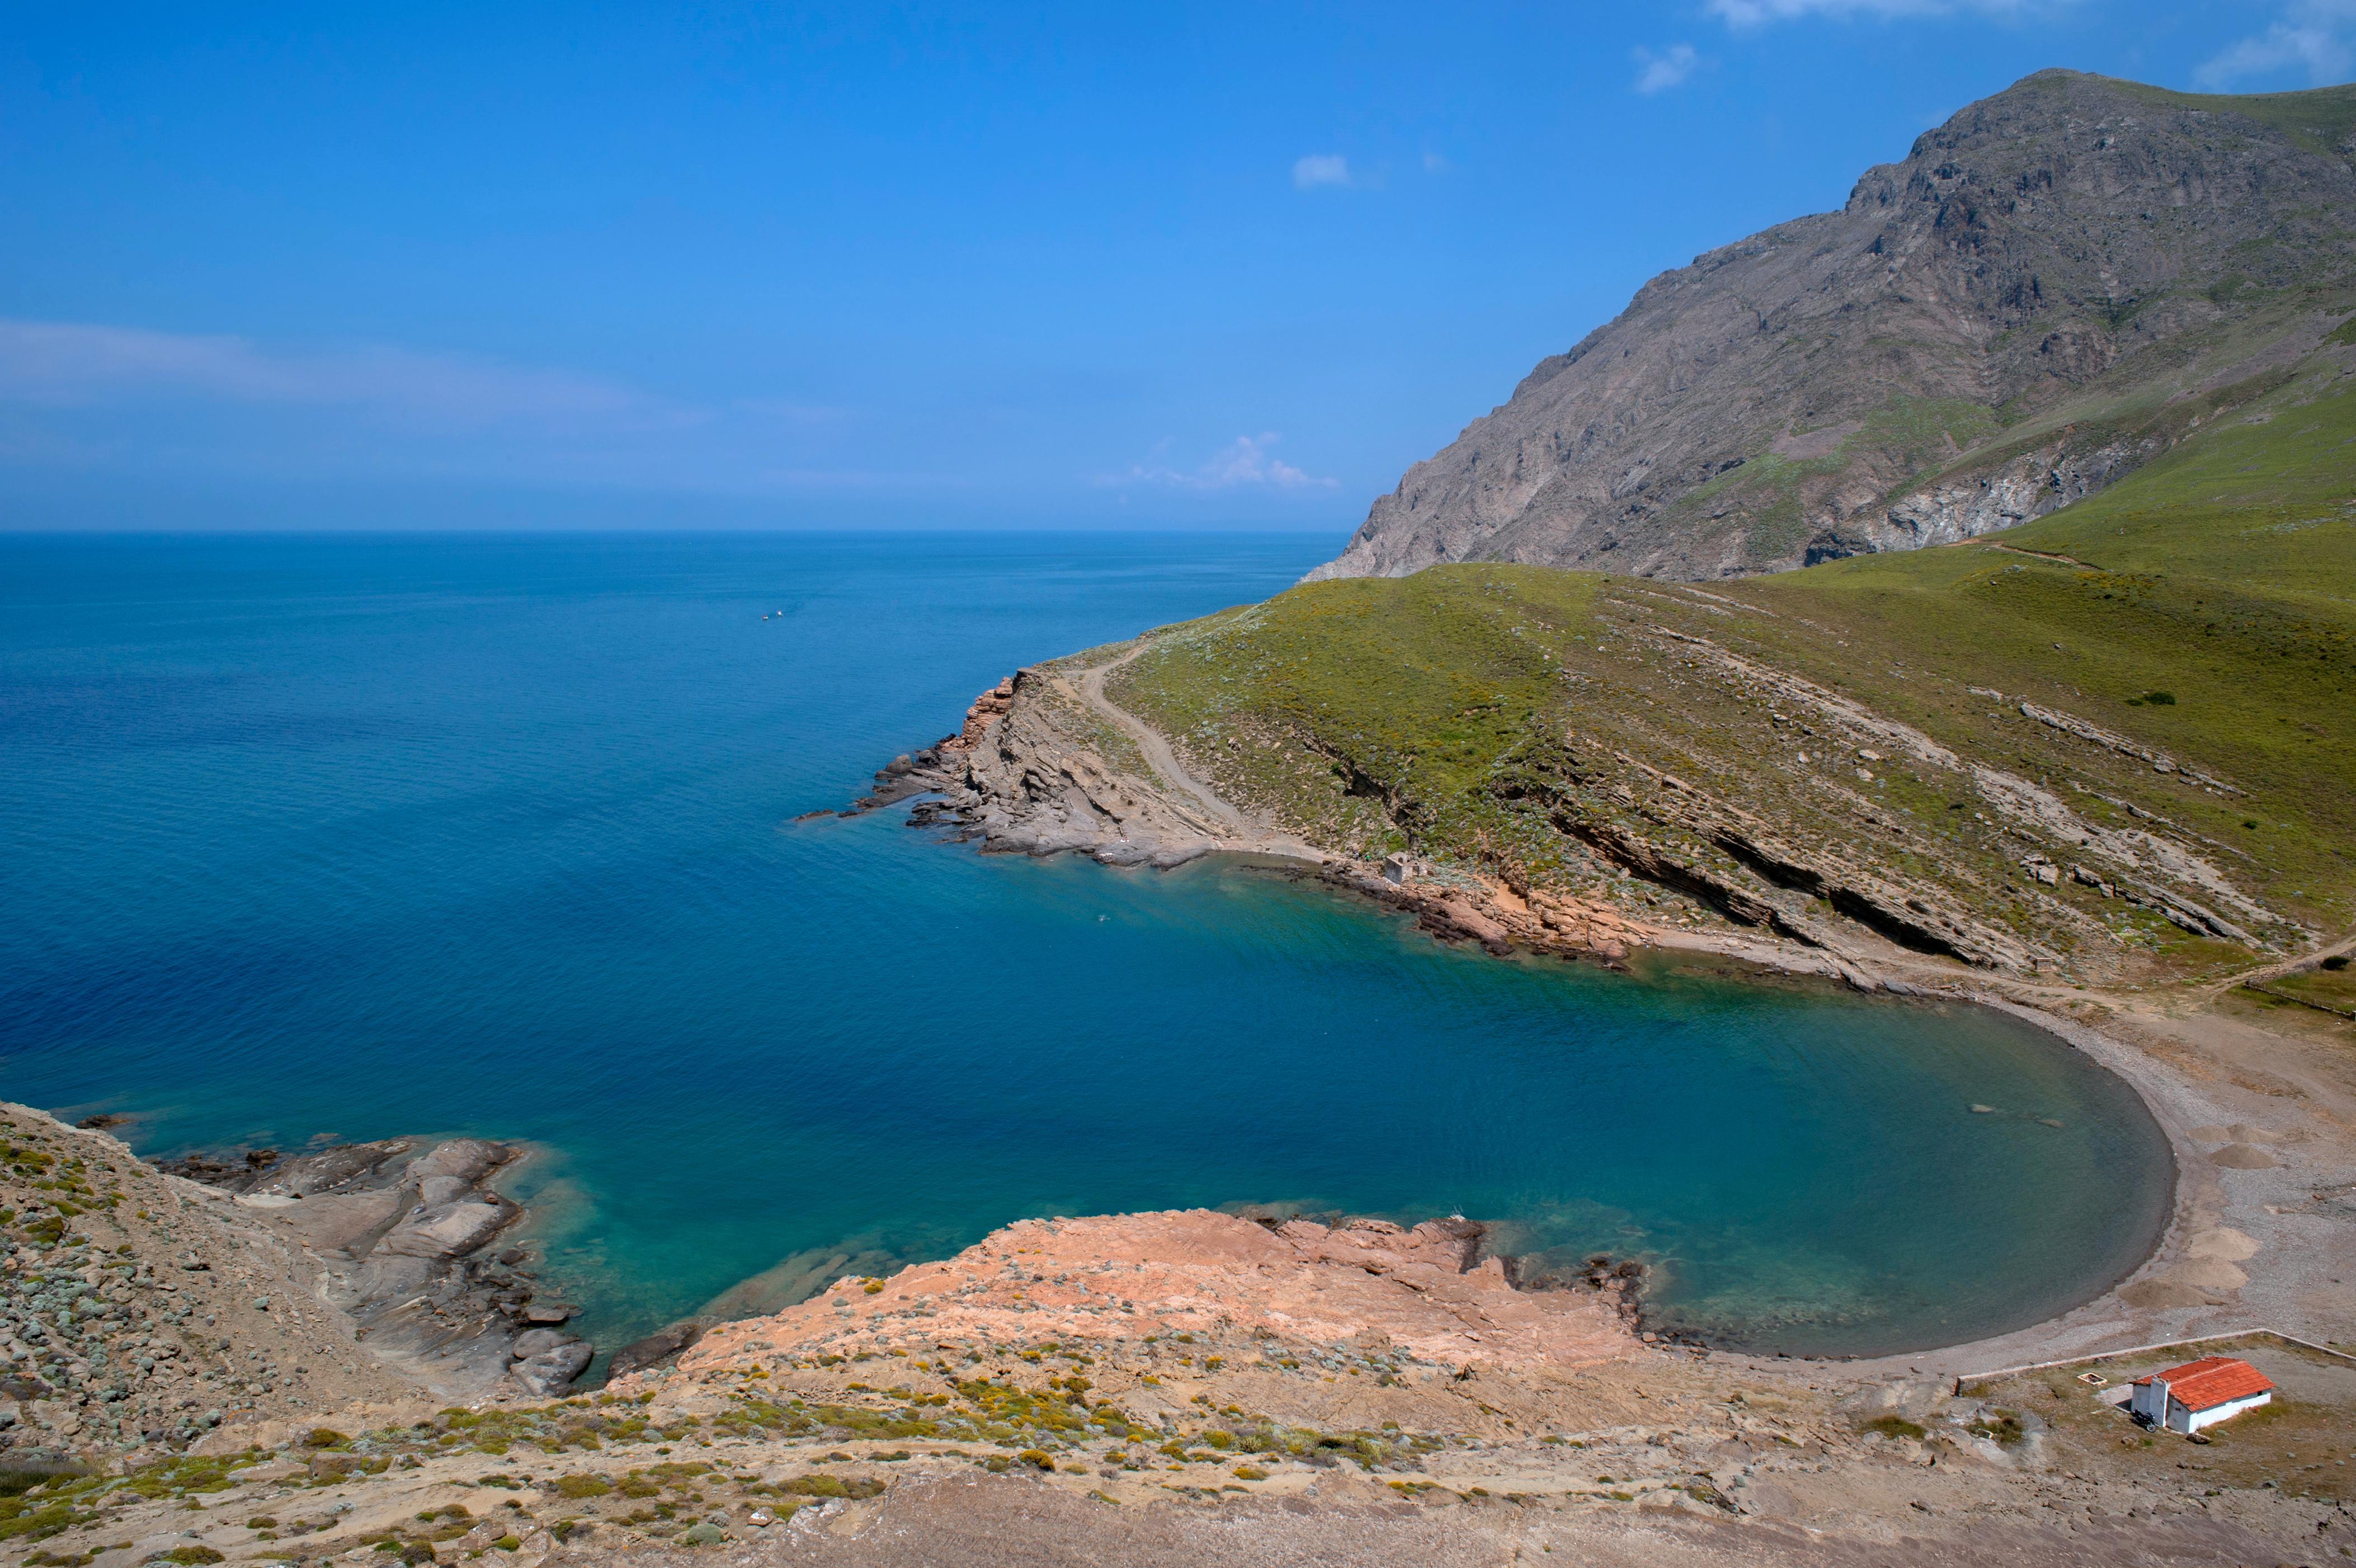 Kardamos beach, Imbros/Gökçeada island, Turkey [4212x2803 ...